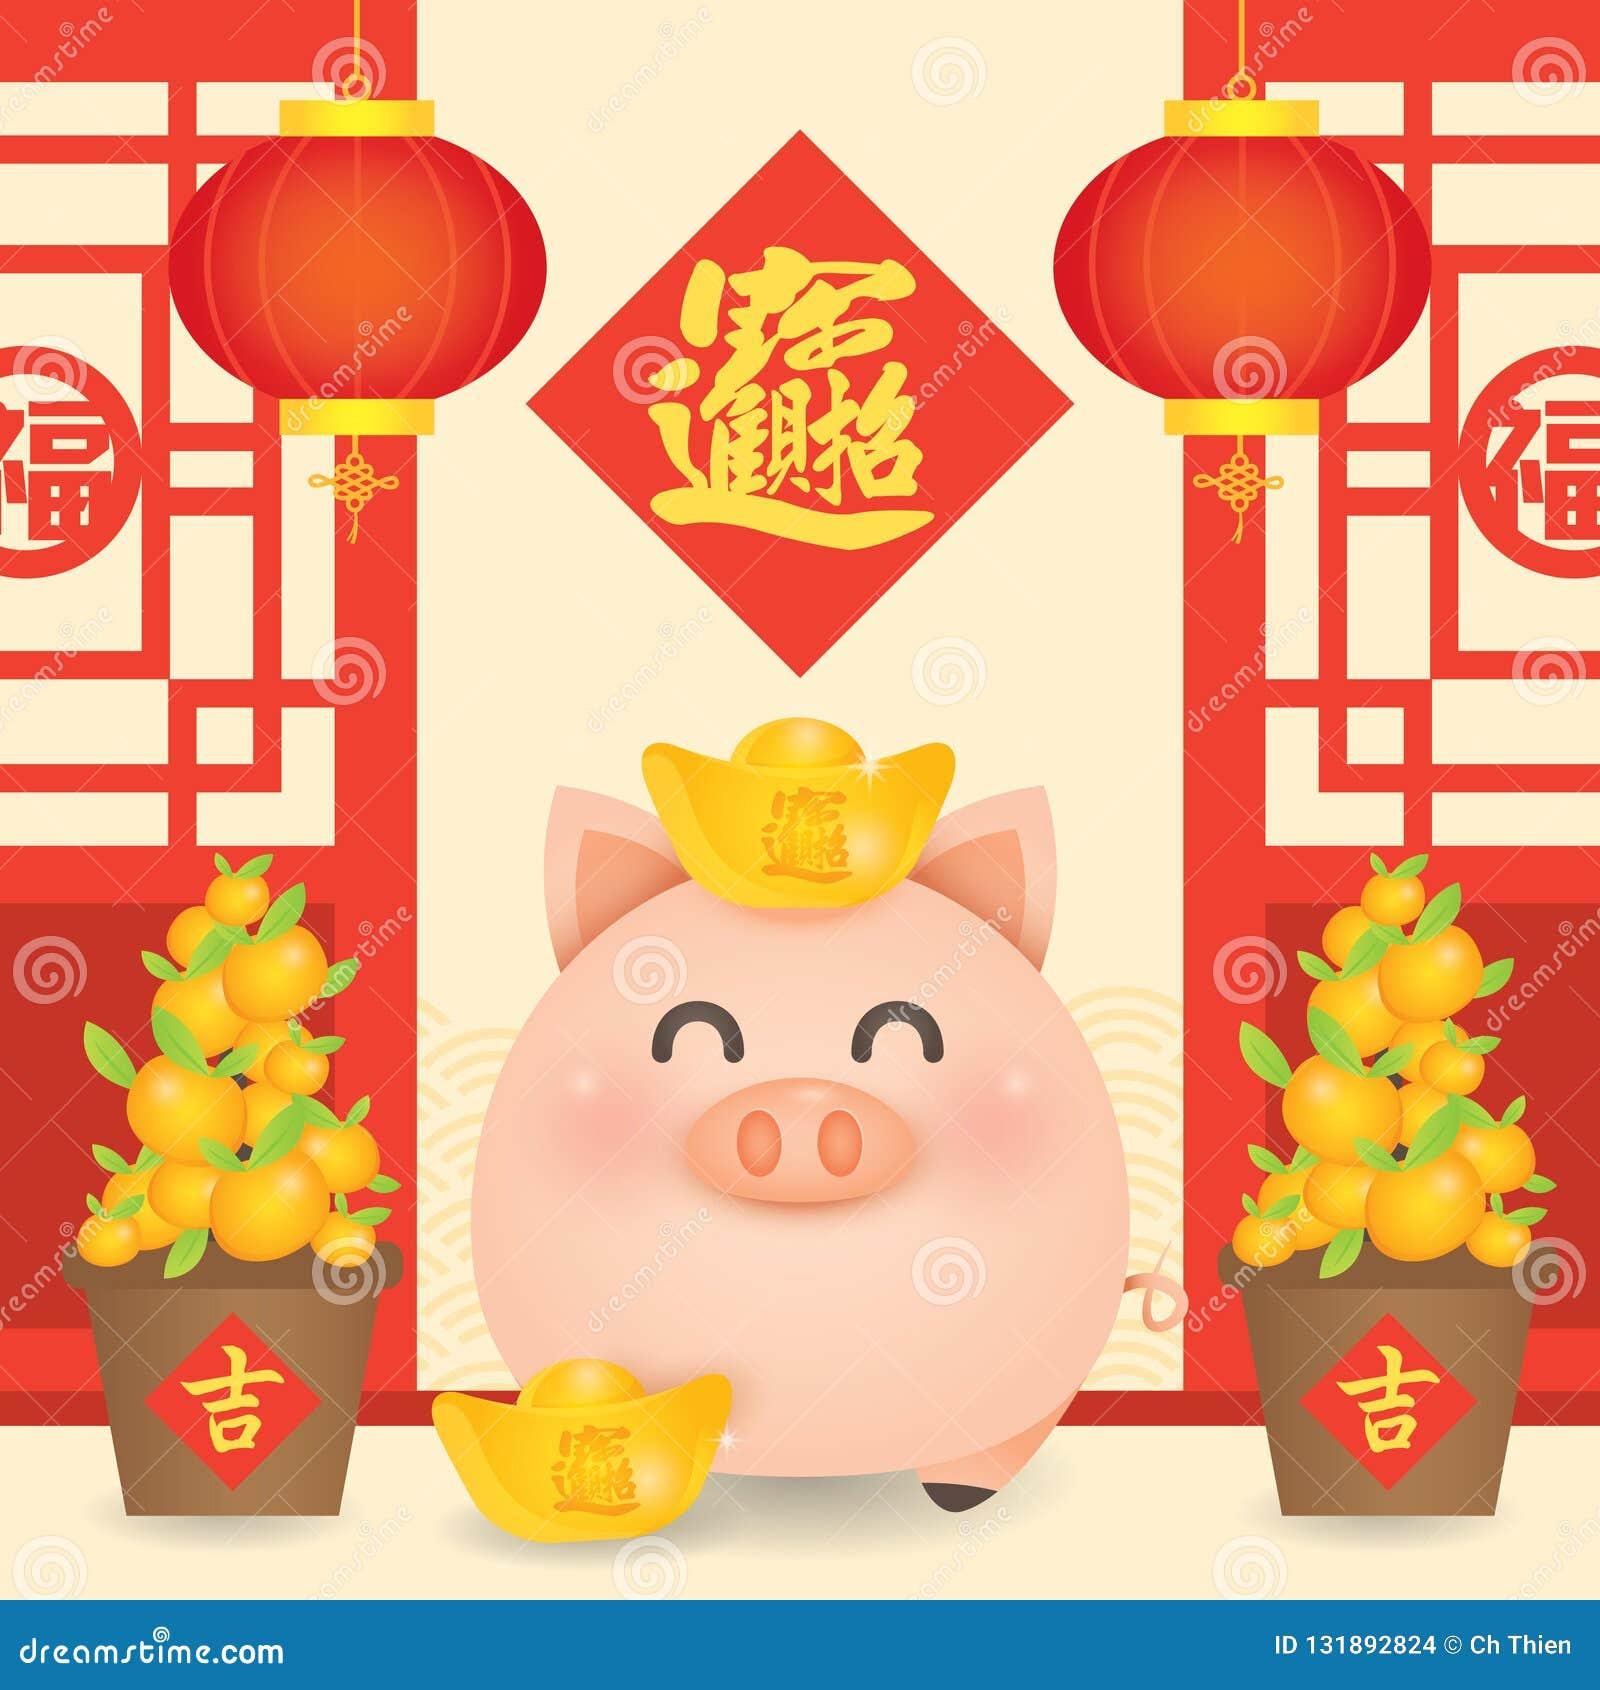 2019年农历新年,年与逗人喜爱贪心的猪传染媒介与金锭、蜜桔、纸卷和灯笼